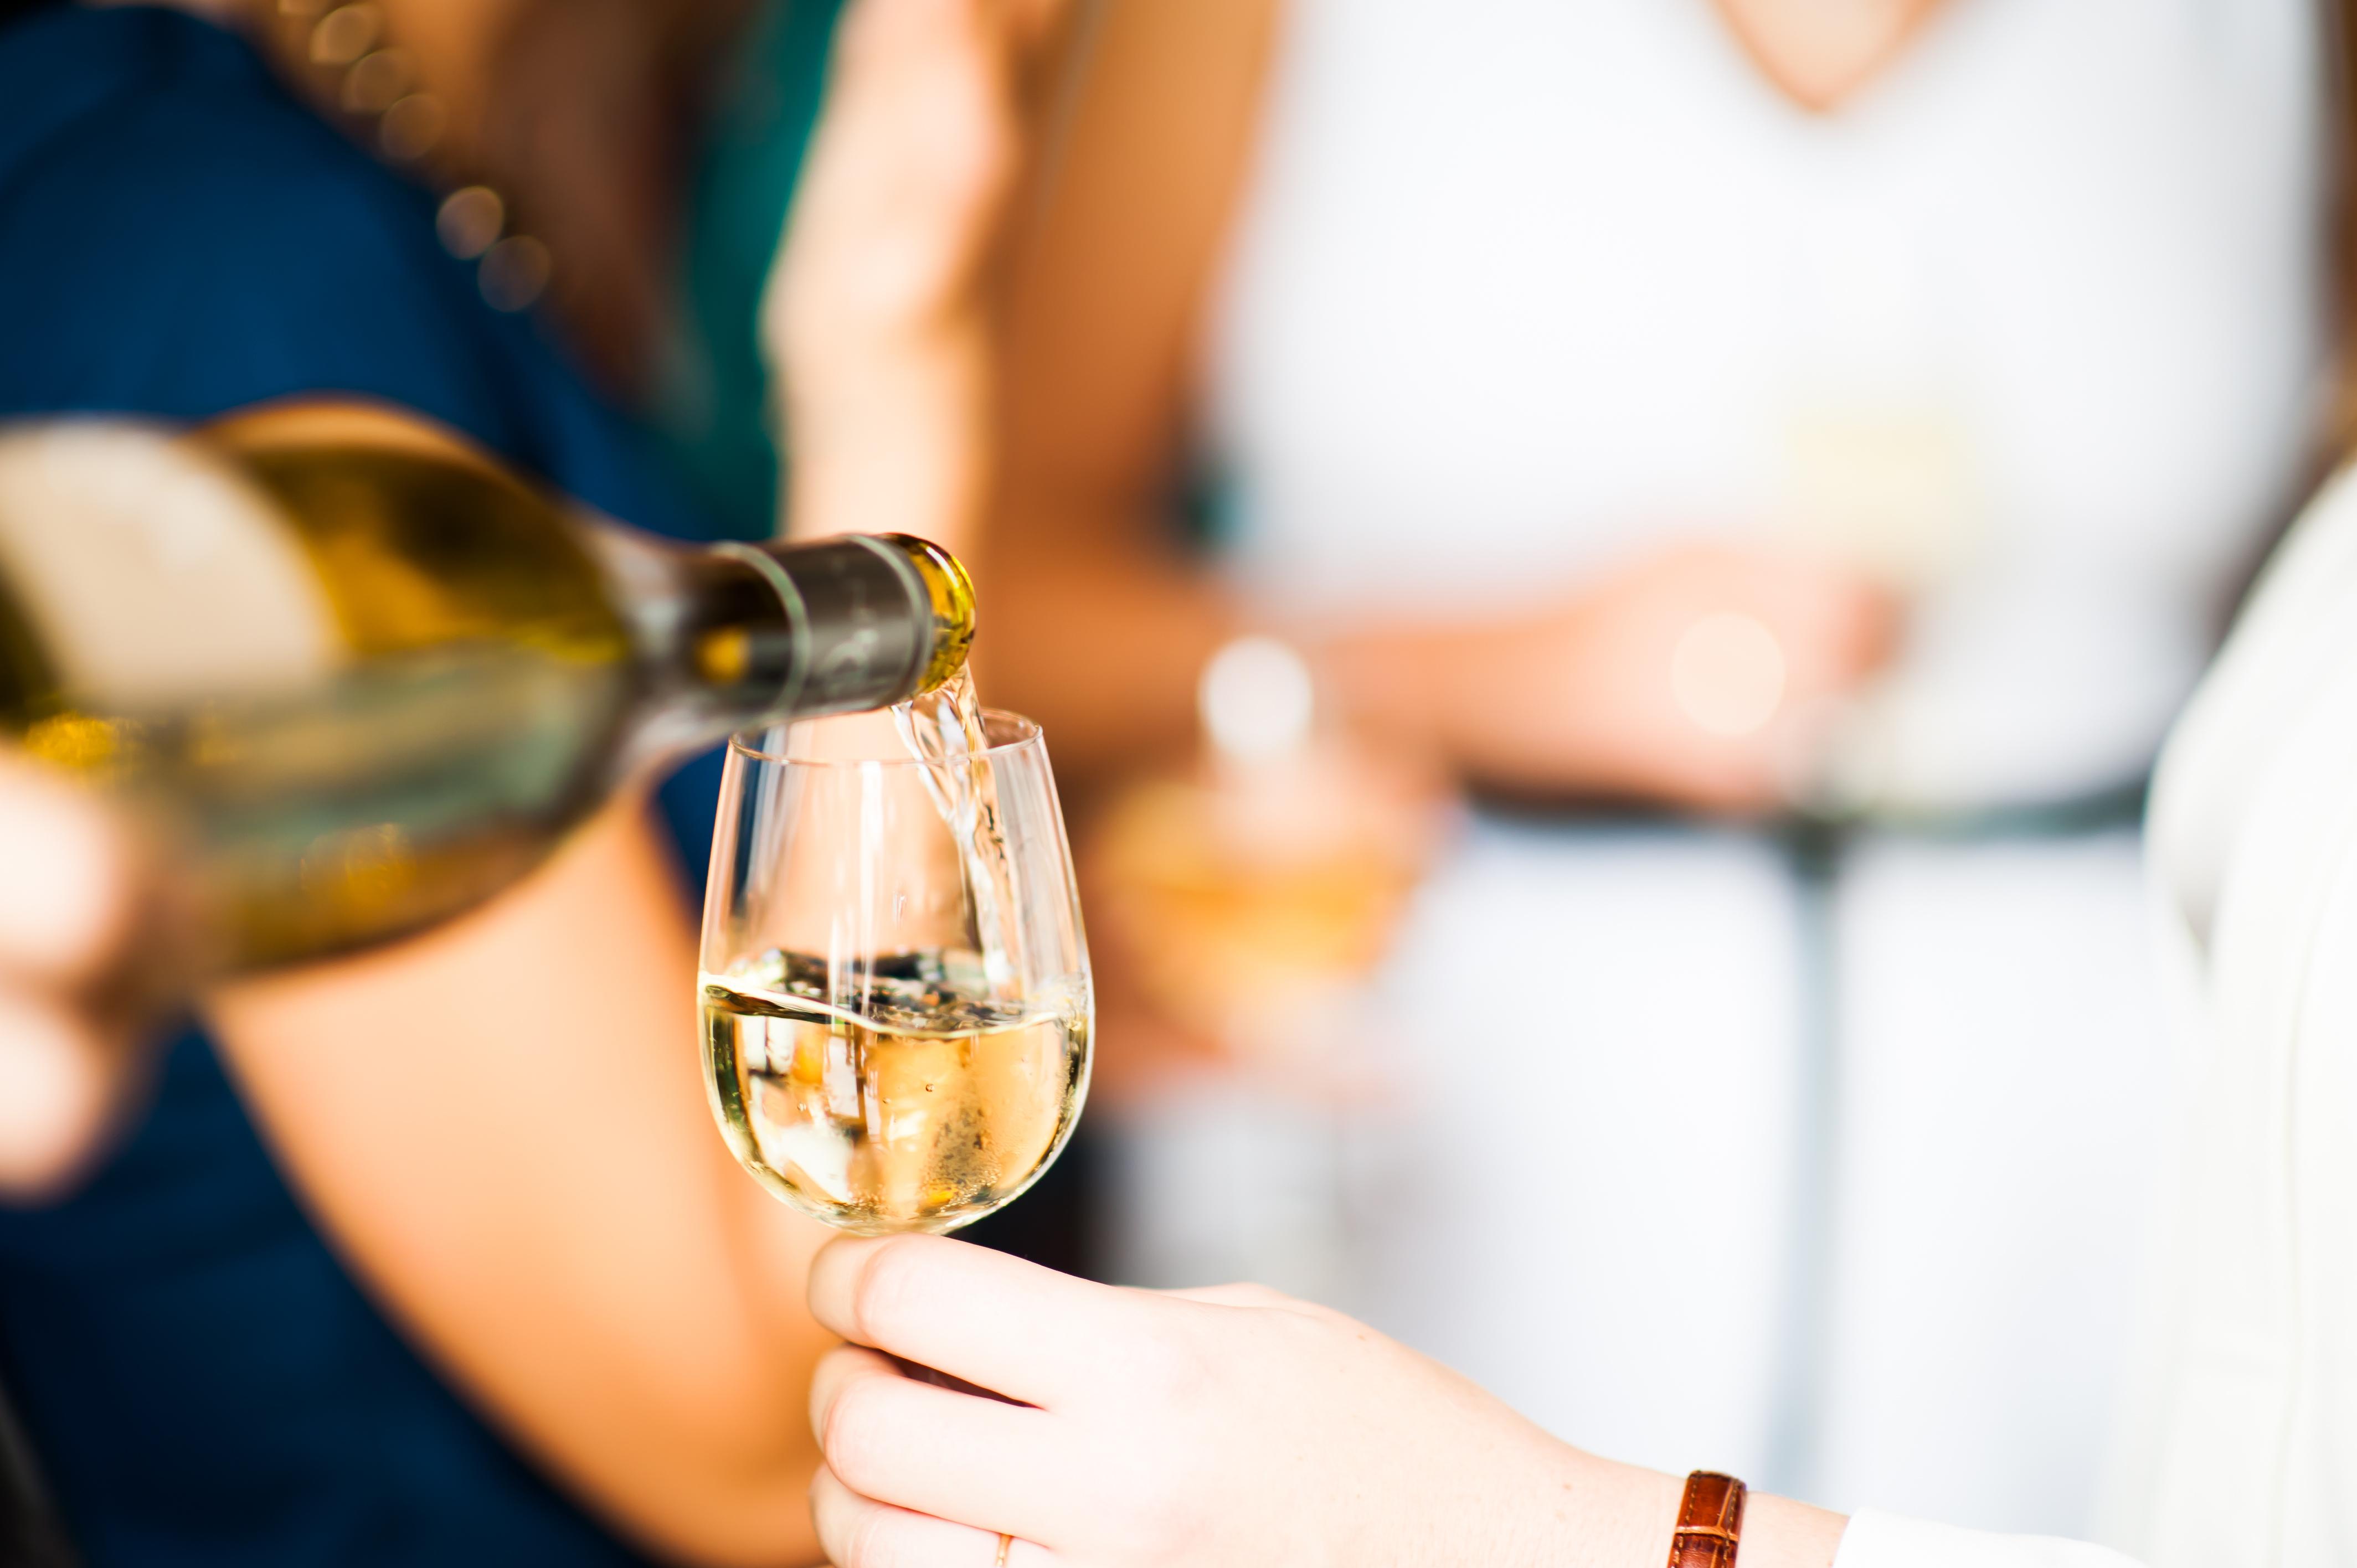 Tvärtemot vad man kan tro så orsakas inte alla dödsfall av enbart hög alkoholkonsumtion.